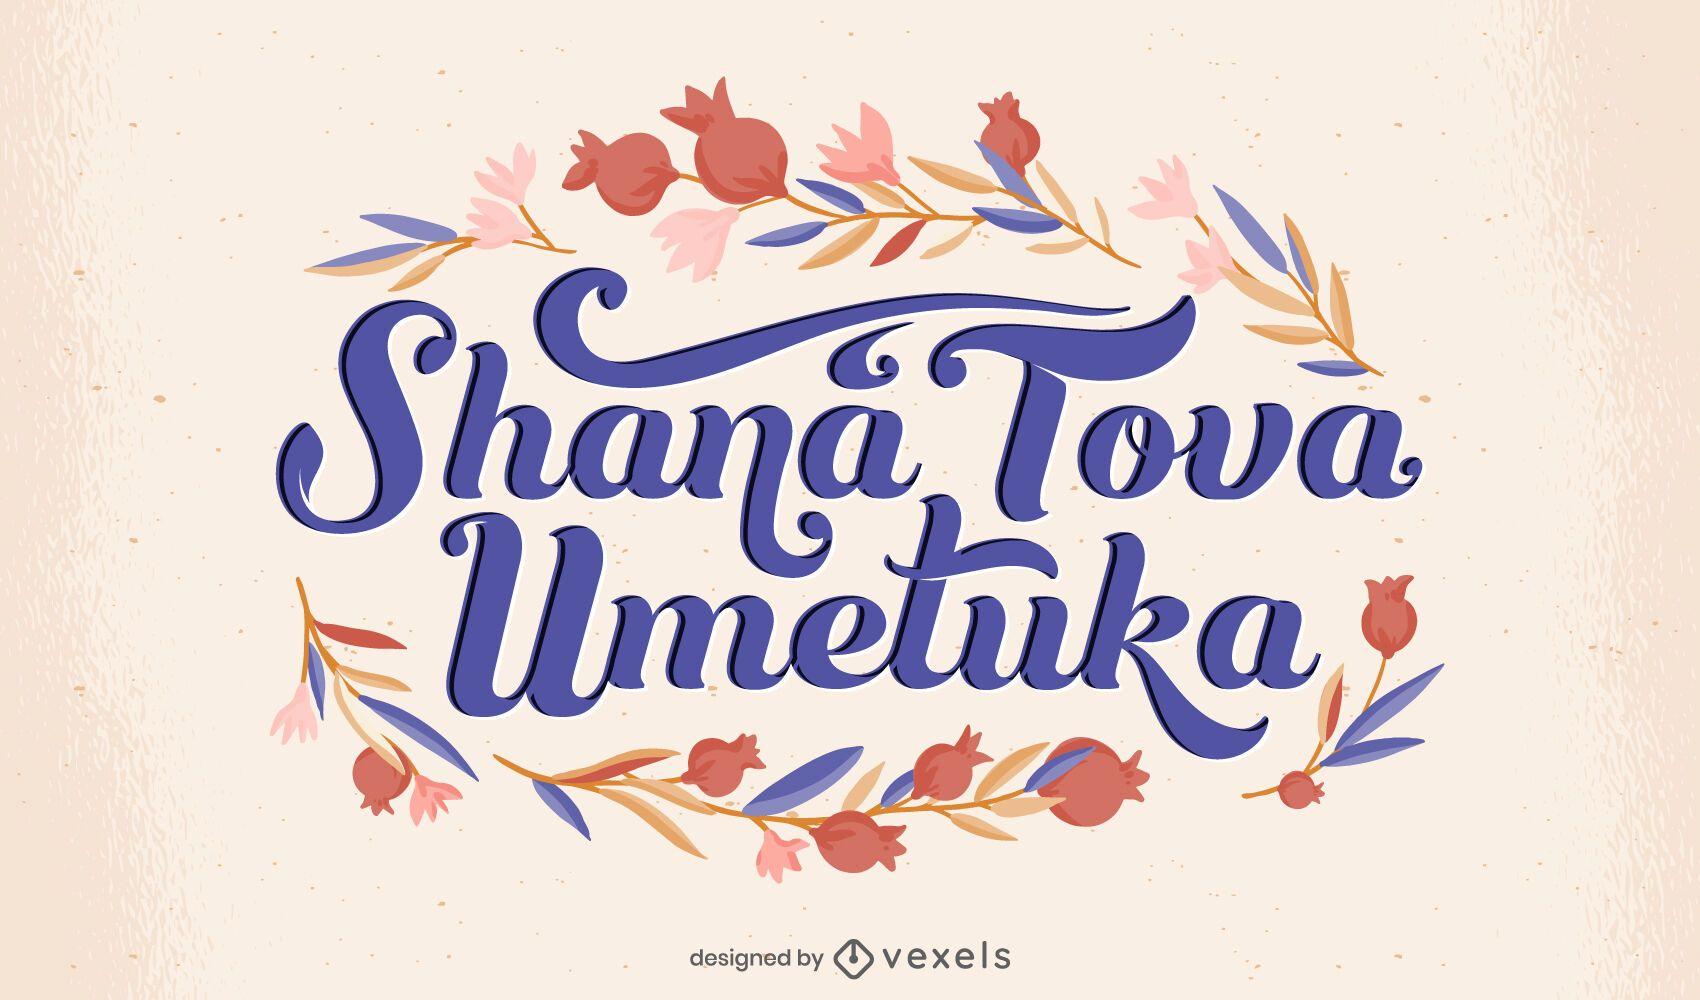 shana tova umetuka hebrew lettering